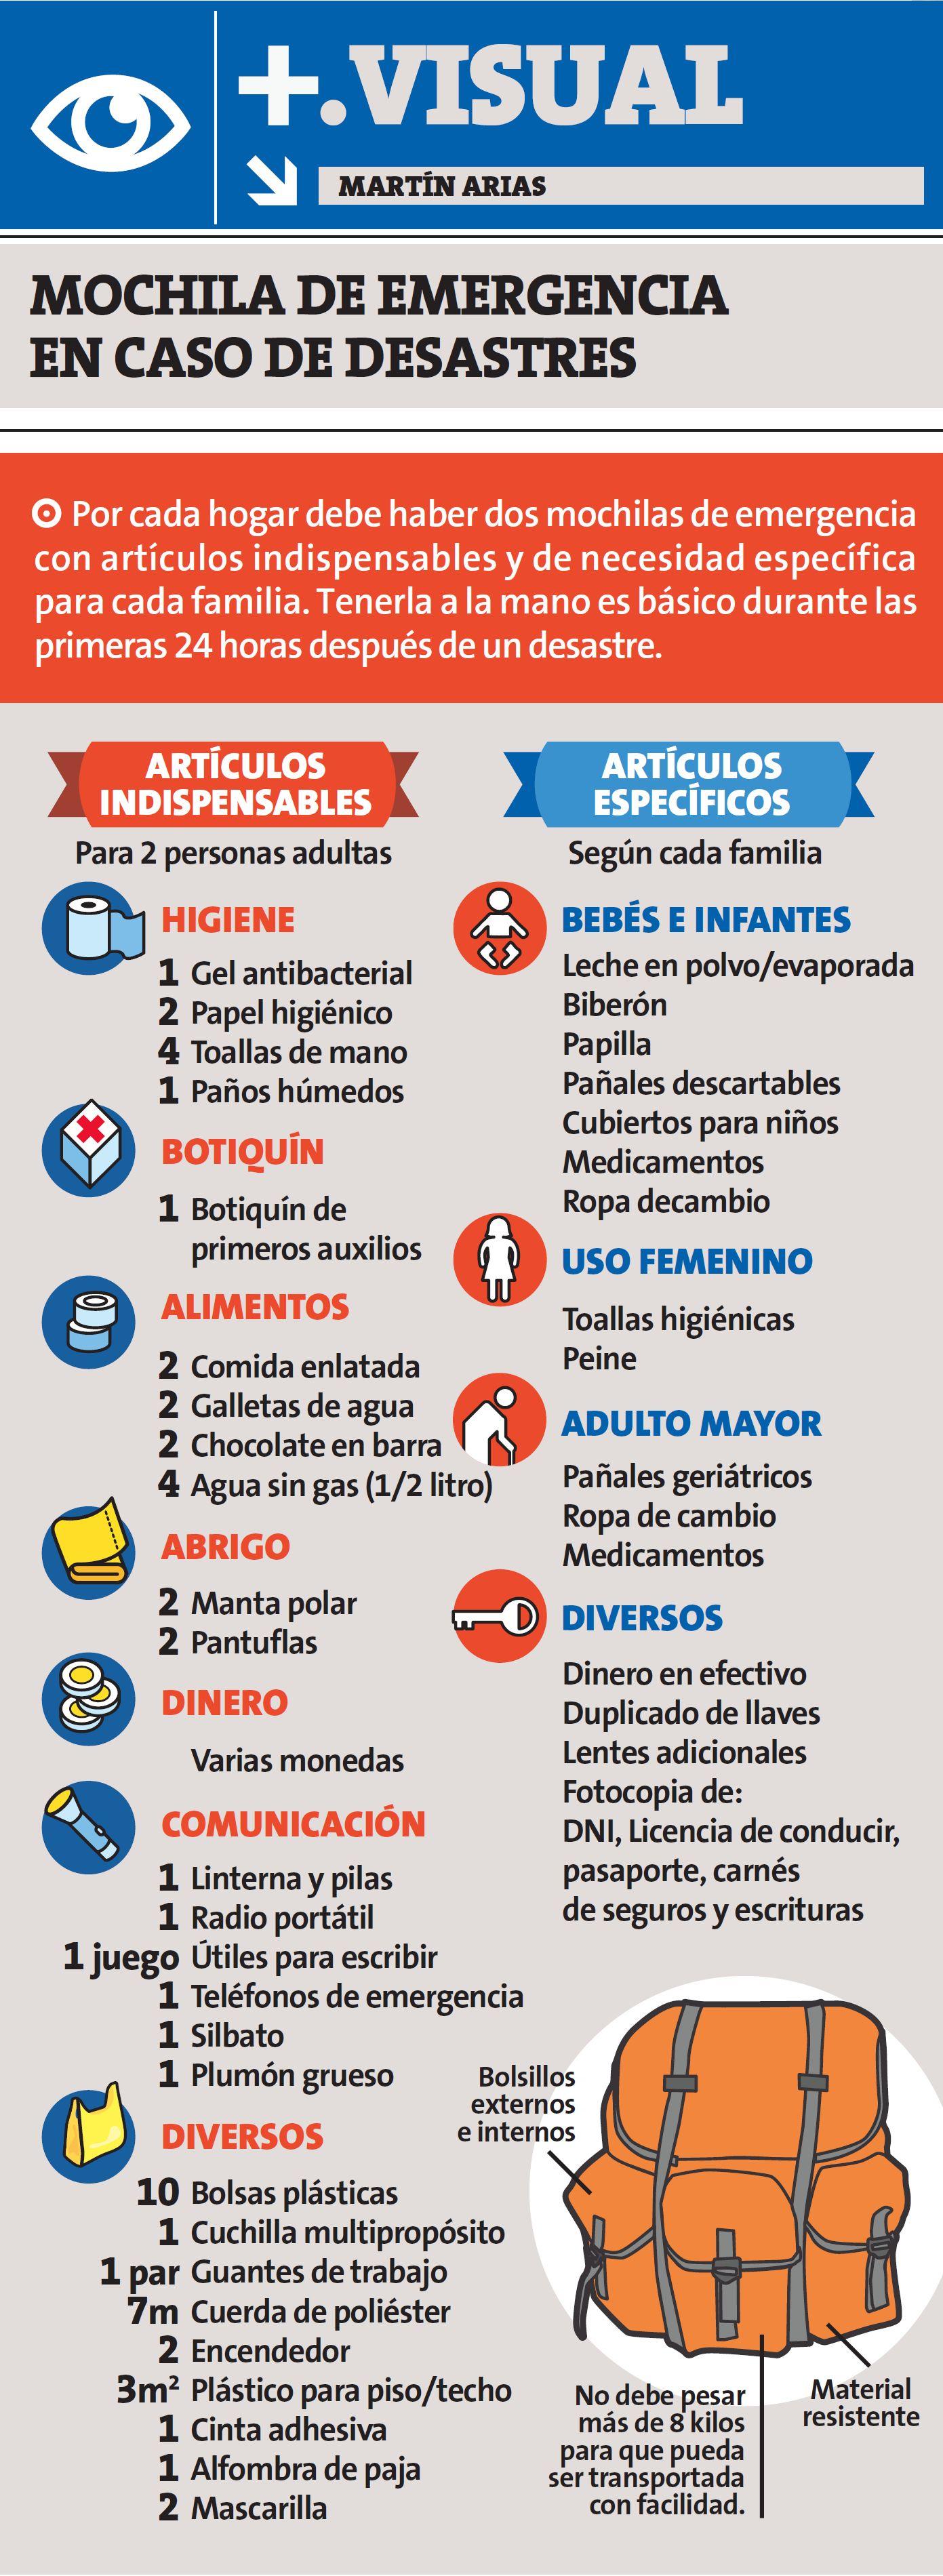 Lima Todo Lo Que Tienes Que Saber Sobre Huaicos Y Desbordes